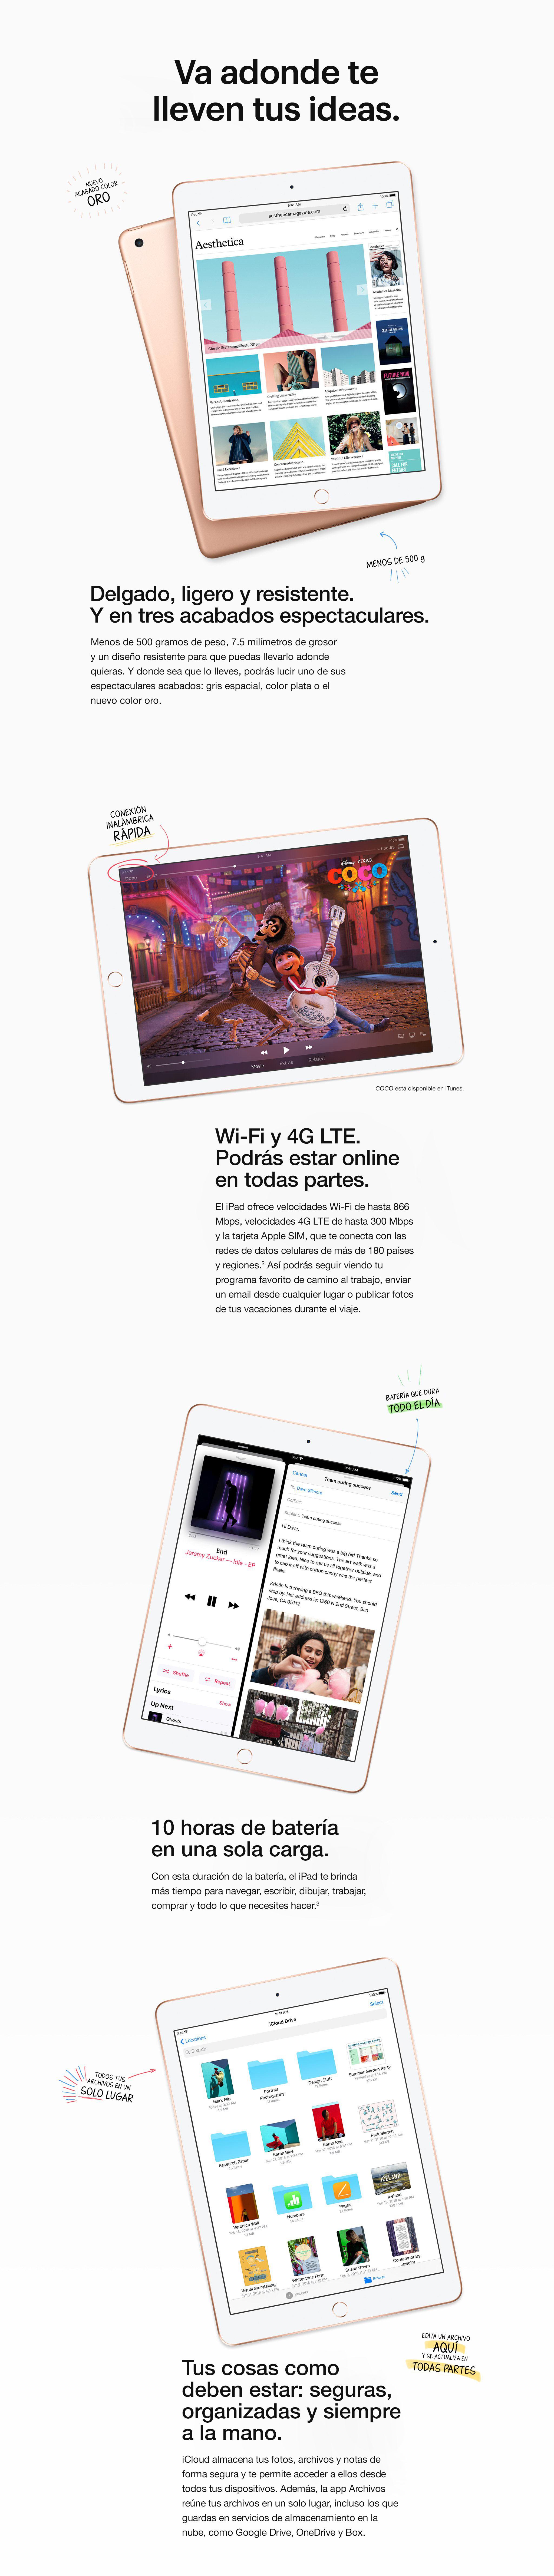 Diseñado para ir a donde te lleven tus ideas. Delgado, liviano y duradero. Y en tres magníficos acabados. Con solo una libra de peso y 7.5 mm de grosor, es fácil llevar el iPad adonde quieras. Diseñado para ser resistente, para que tengas la tranquilidad de saber que puedes llevarlo a cualquier lugar. Y es tan hermoso como portátil, disponible en plata, gris espacial y un nuevo color oro. Wi-Fi y LTE. Podrás estar online en todas partes. El iPad ofrece velocidades Wi-Fi de hasta 866 Mbps, velocidades LTE de hasta 300 Mbps y la tarjeta Apple SIM, que te conecta con las redes de datos celulares de más de 180 países y regiones.2 Para que puedas ver tu programa favorito de camino al trabajo, enviar un correo electrónico desde cualquier lugar o publicar fotos de tus vacaciones durante el viaje. 10 horas de duración de la batería en una sola carga. Con una batería que te dura todo el día, el iPad te brinda más tiempo para navegar, escribir, dibujar, trabajar, comprar y todo lo que necesites hacer. Tus cosas como  deben estar: seguras, organizadas y siempre a la mano. iCloud almacena tus fotos, archivos y notas de forma segura y te permite acceder a ellos desde todos tus dispositivos. Además, la aplicación Archivos reúne todos tus archivos de cualquier tipo en un solo lugar, incluso los que guardas en servicios de almacenamiento en la nube, como Google Drive, OneDrive y Box.